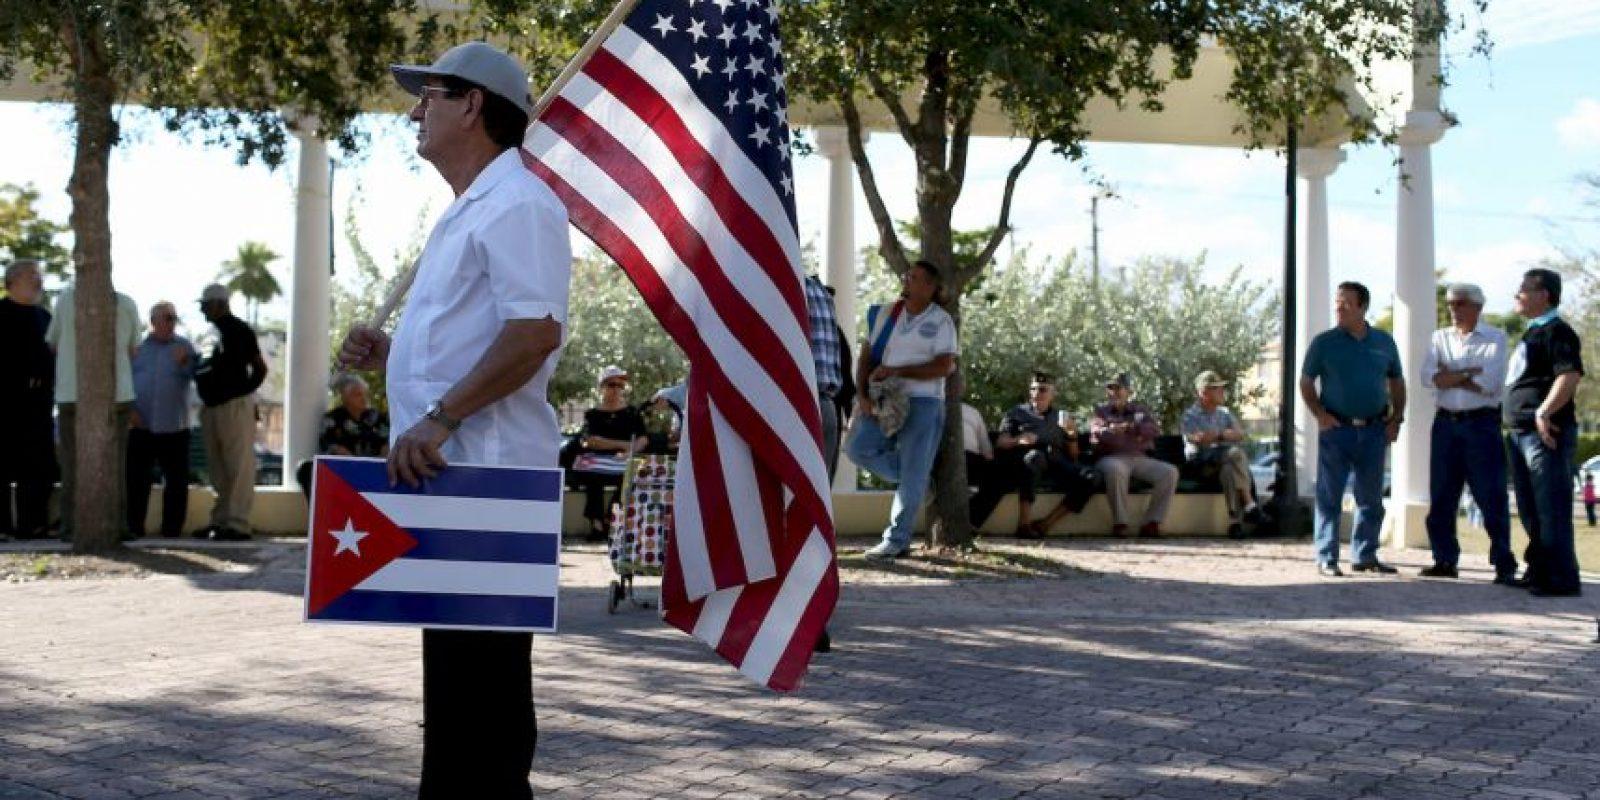 En julio se dio a conocer que se restablecían los viajes en ferry a Cuba. Desde el establecimiento del embargo no se permitían dichos viajes. Foto:Getty Images